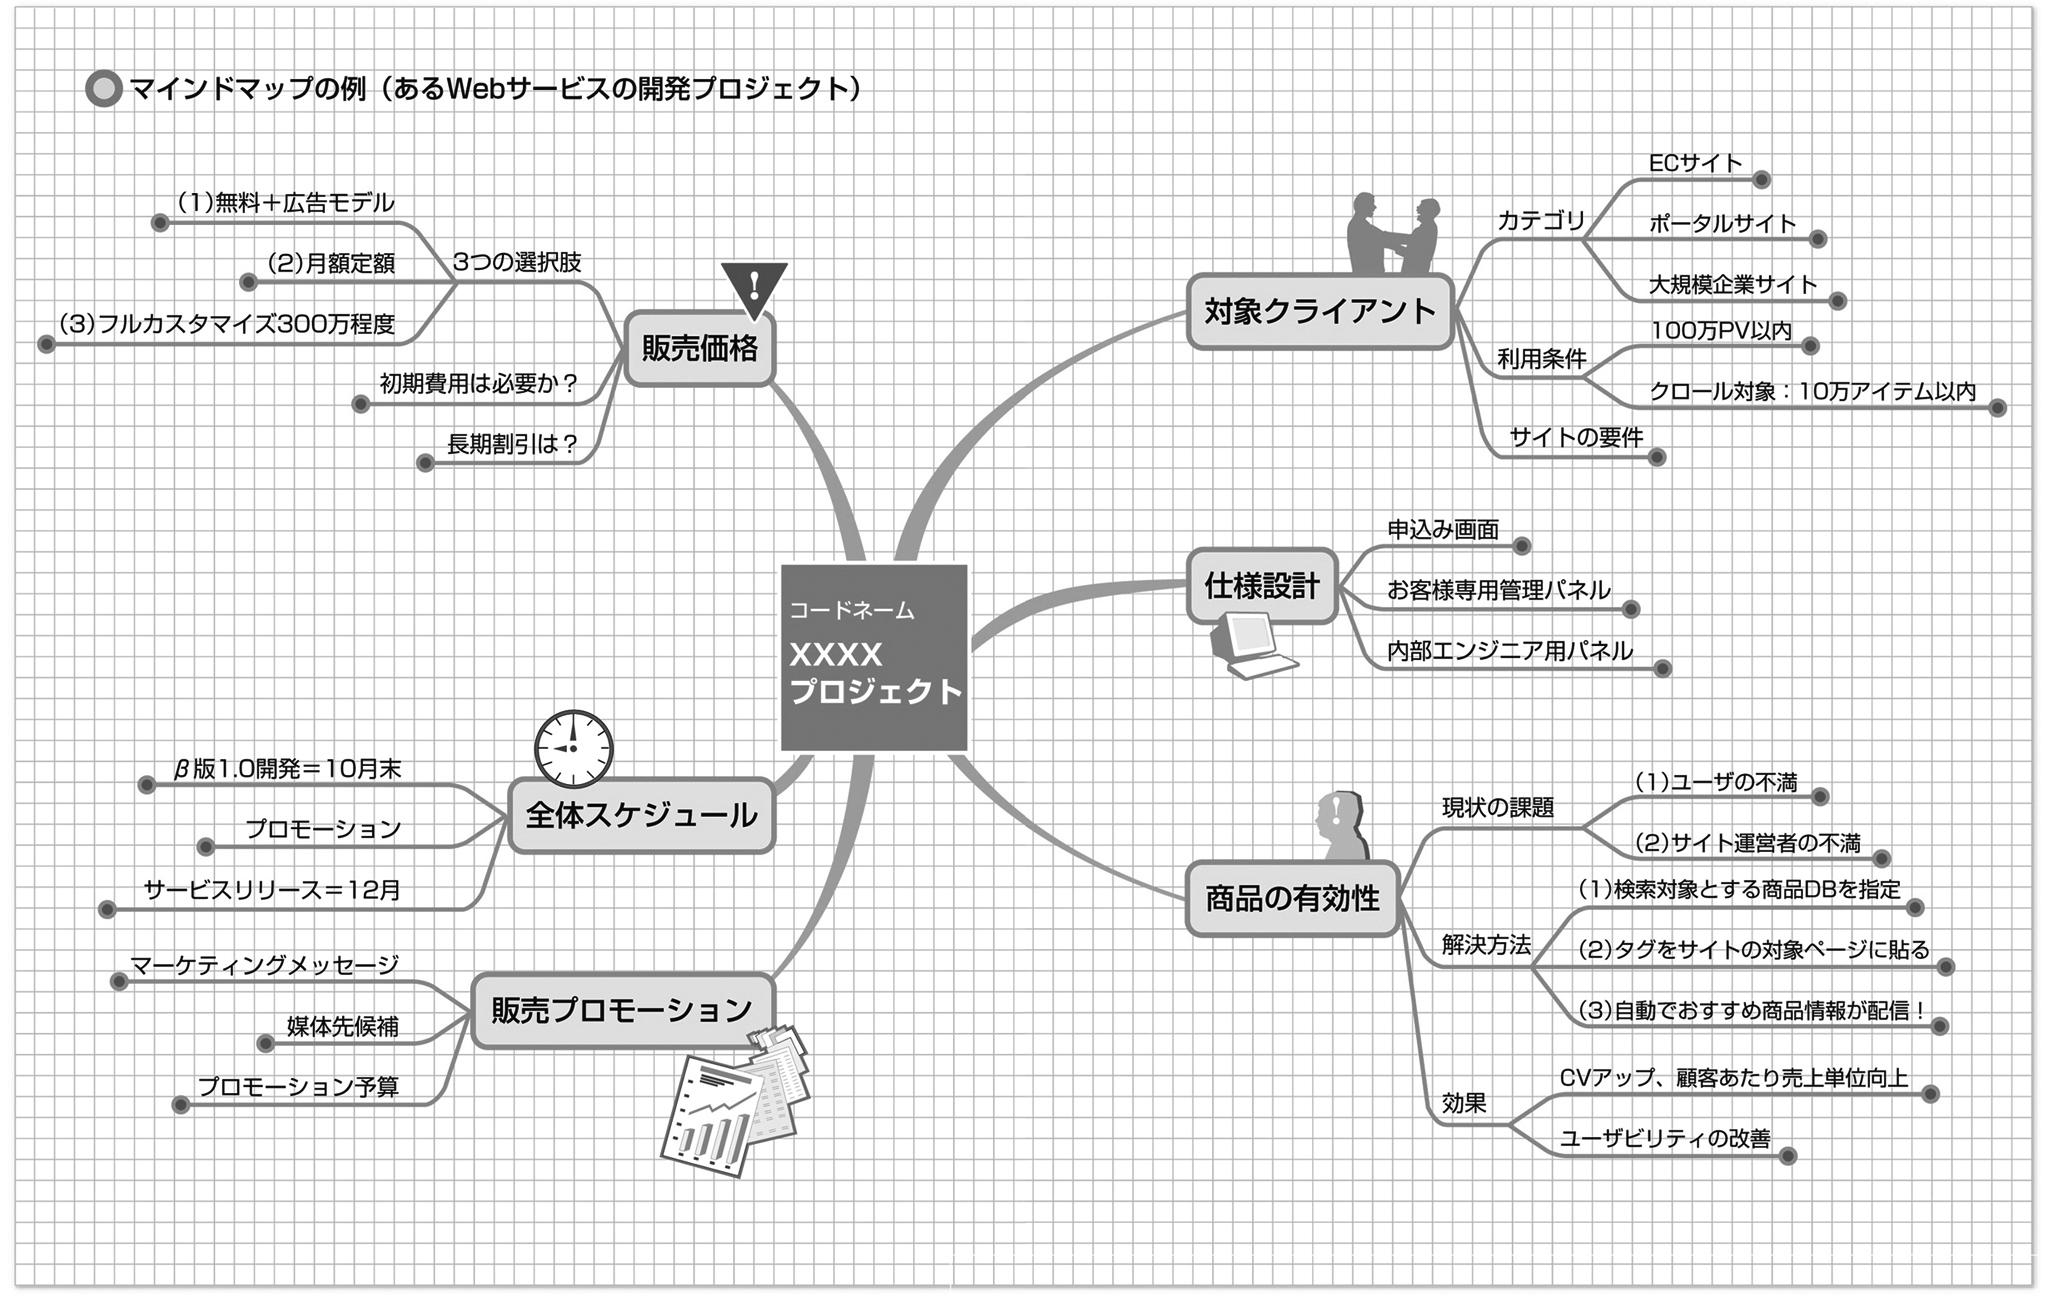 アプリ kj 法